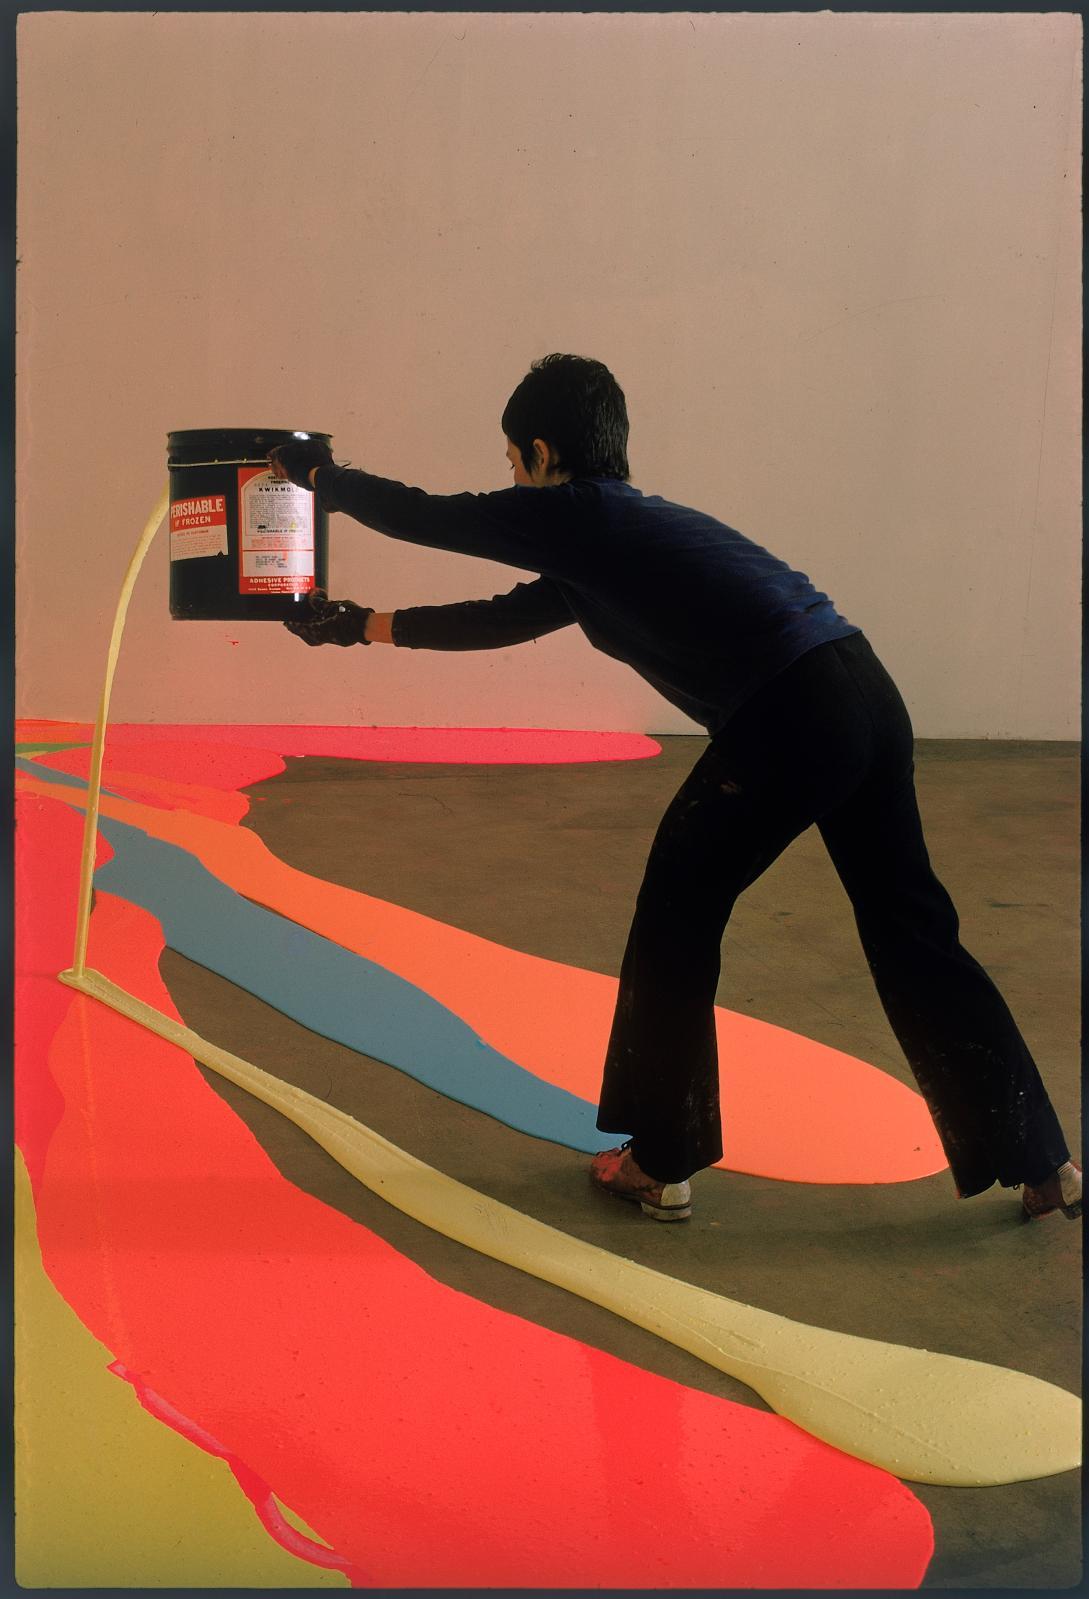 Henry Groskinsky, photo de Lynda Benglis publiée dans le magazine Life, 1970. Exposition «Elles font l'abstraction»au Centre Pompidou (5